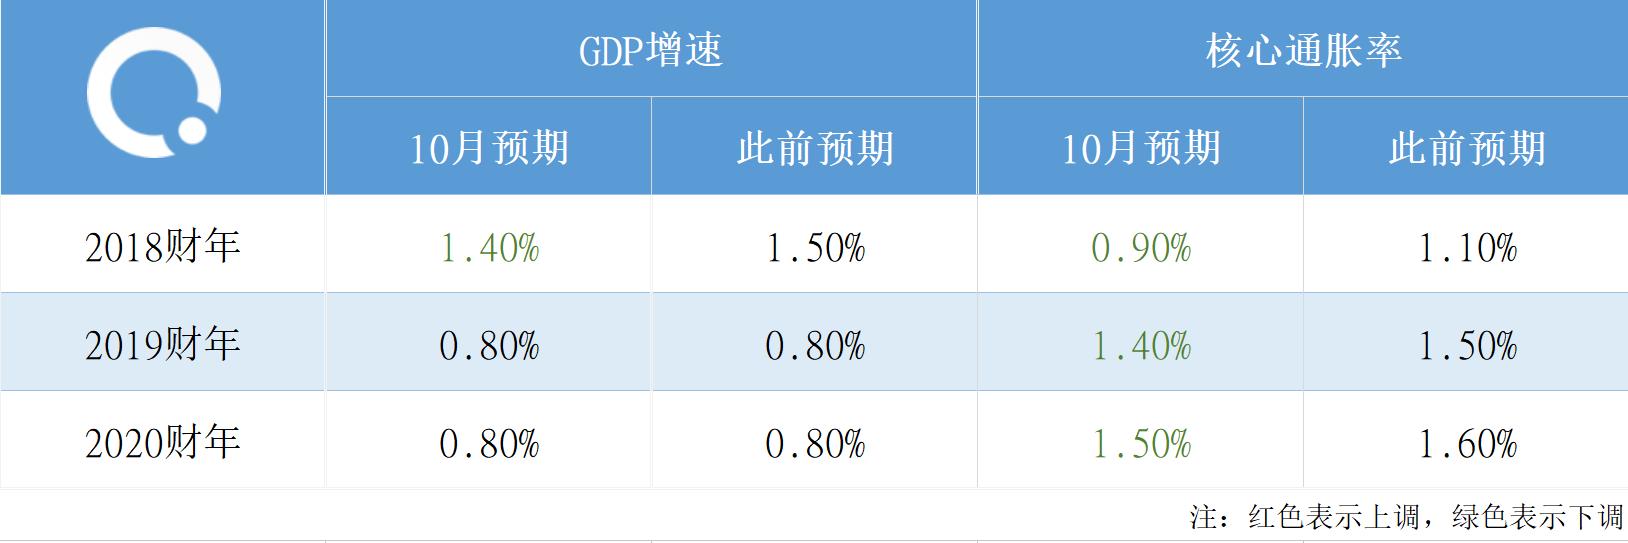 美元兑日元短线波动不大